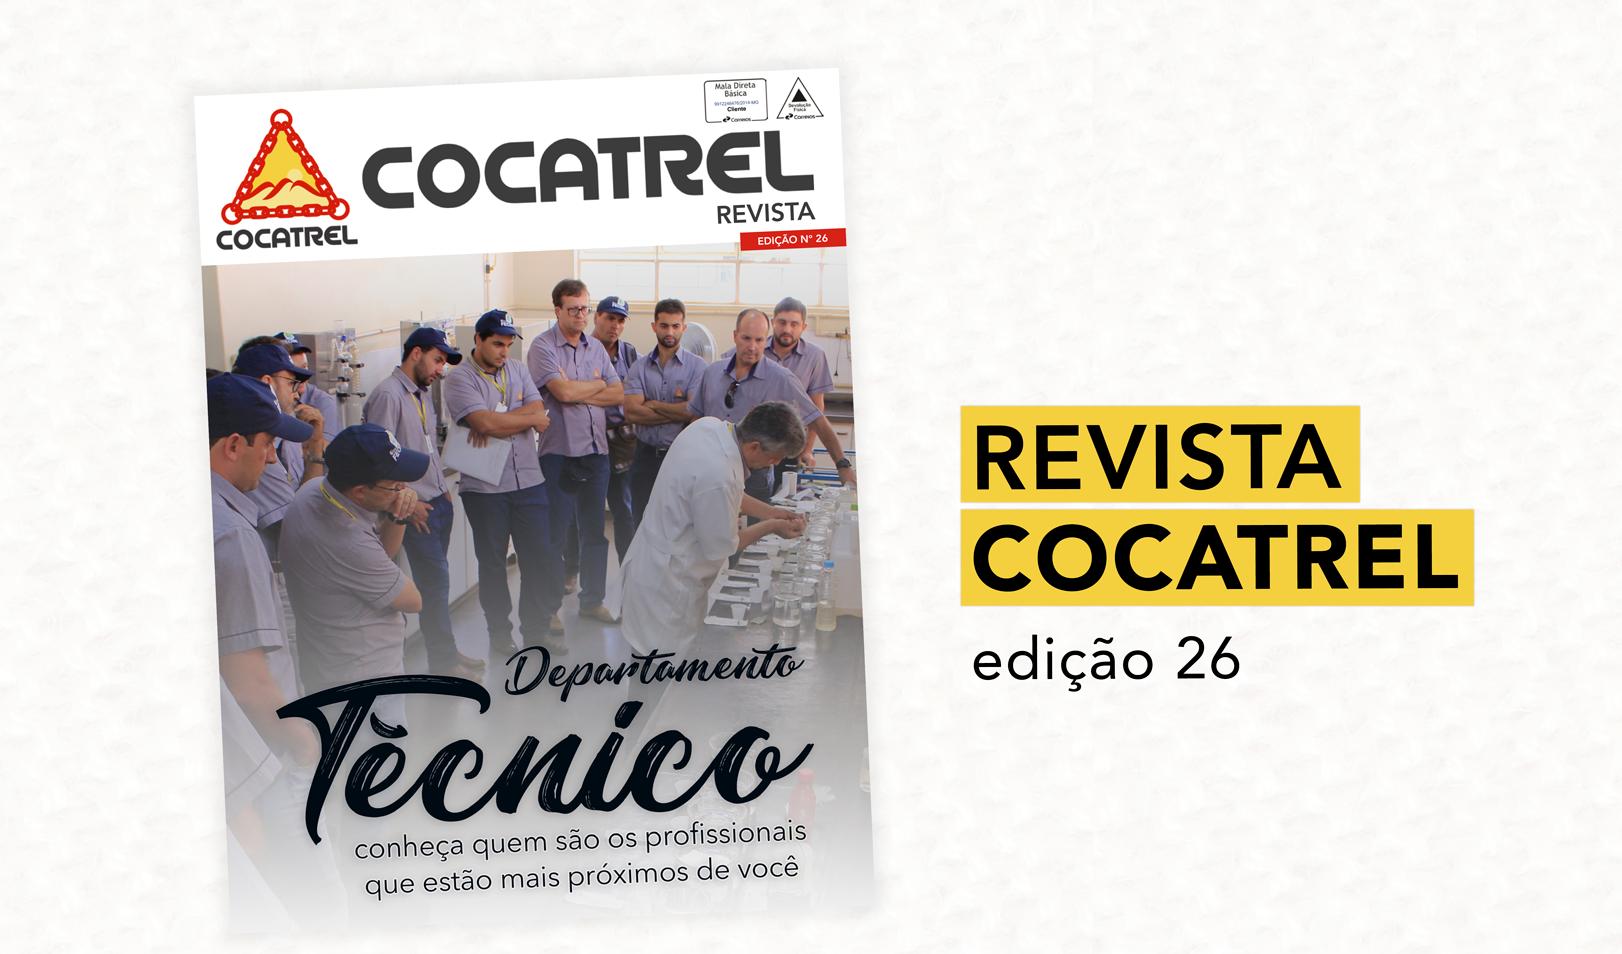 Revista Cocatrel - edição 26